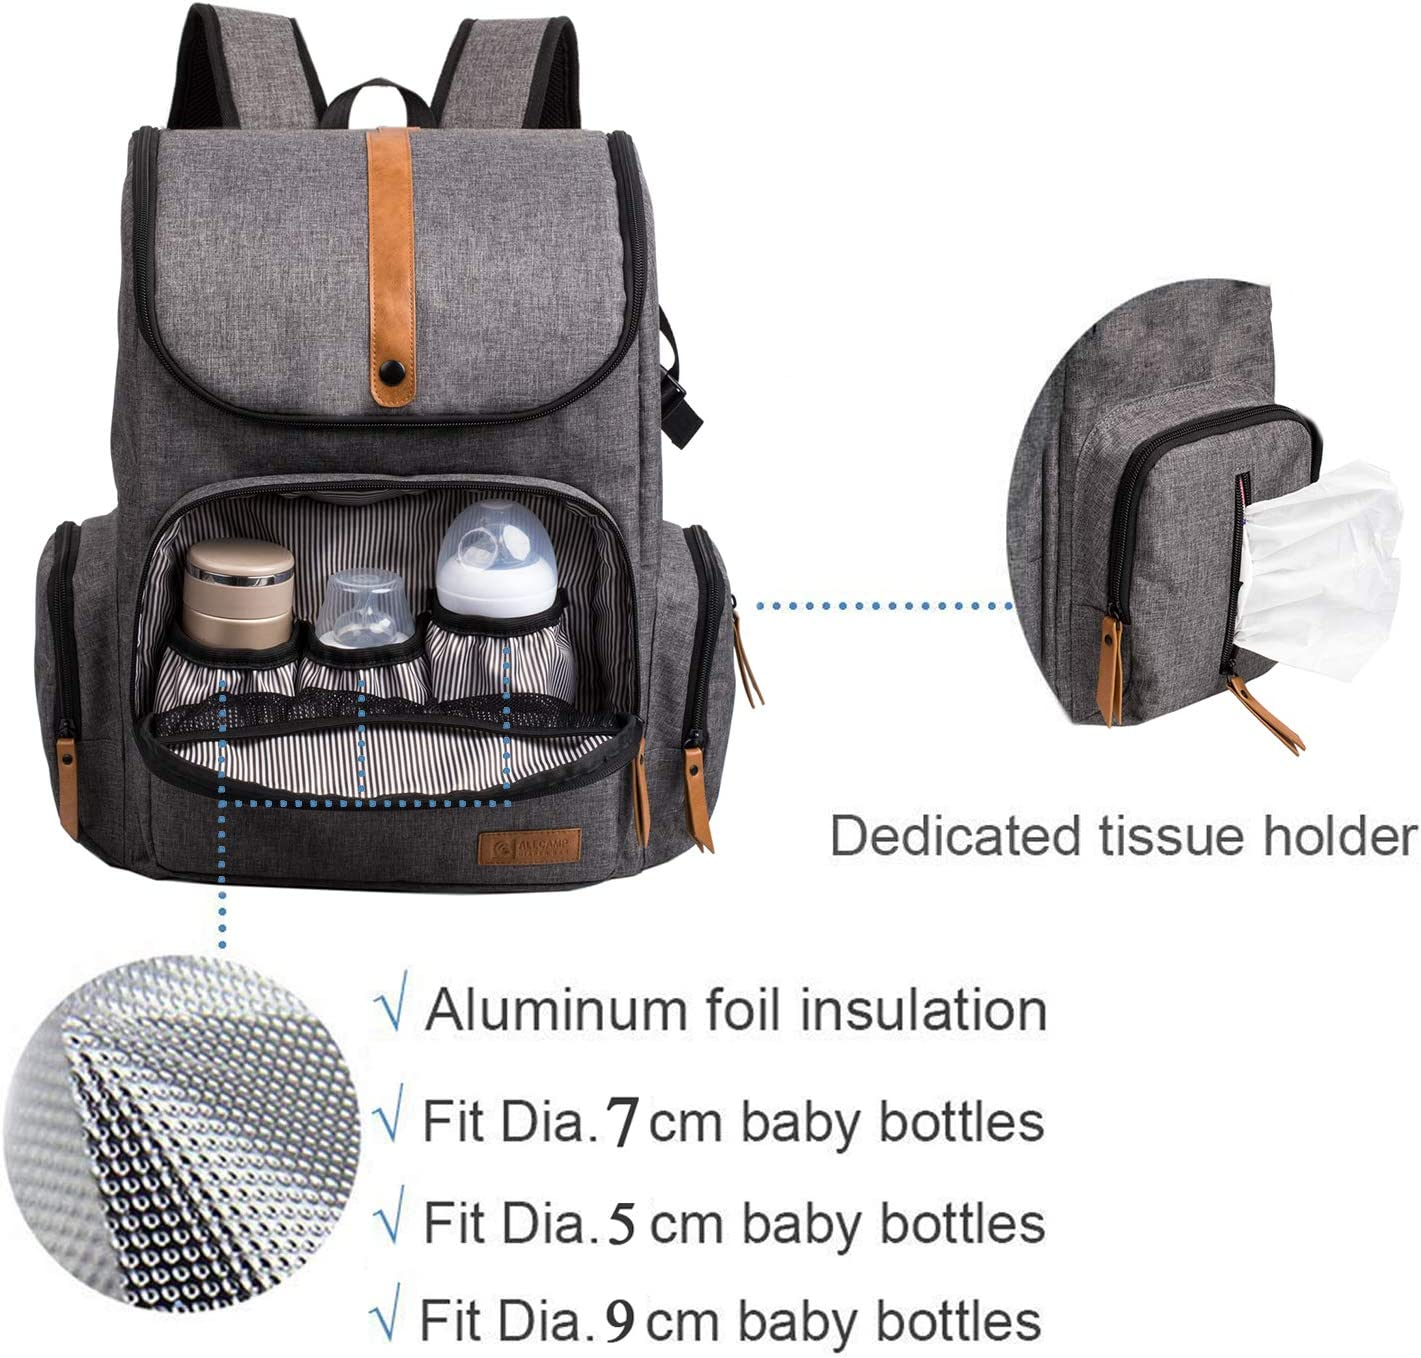 organizador de cochecito con cambiar de mat estilo vers/átil resistente al agua bolsa de pa/ñales para beb/és gran capacidad de pa/ñales cambiador de bolsa ALLCAMP Mochila de pa/ñales